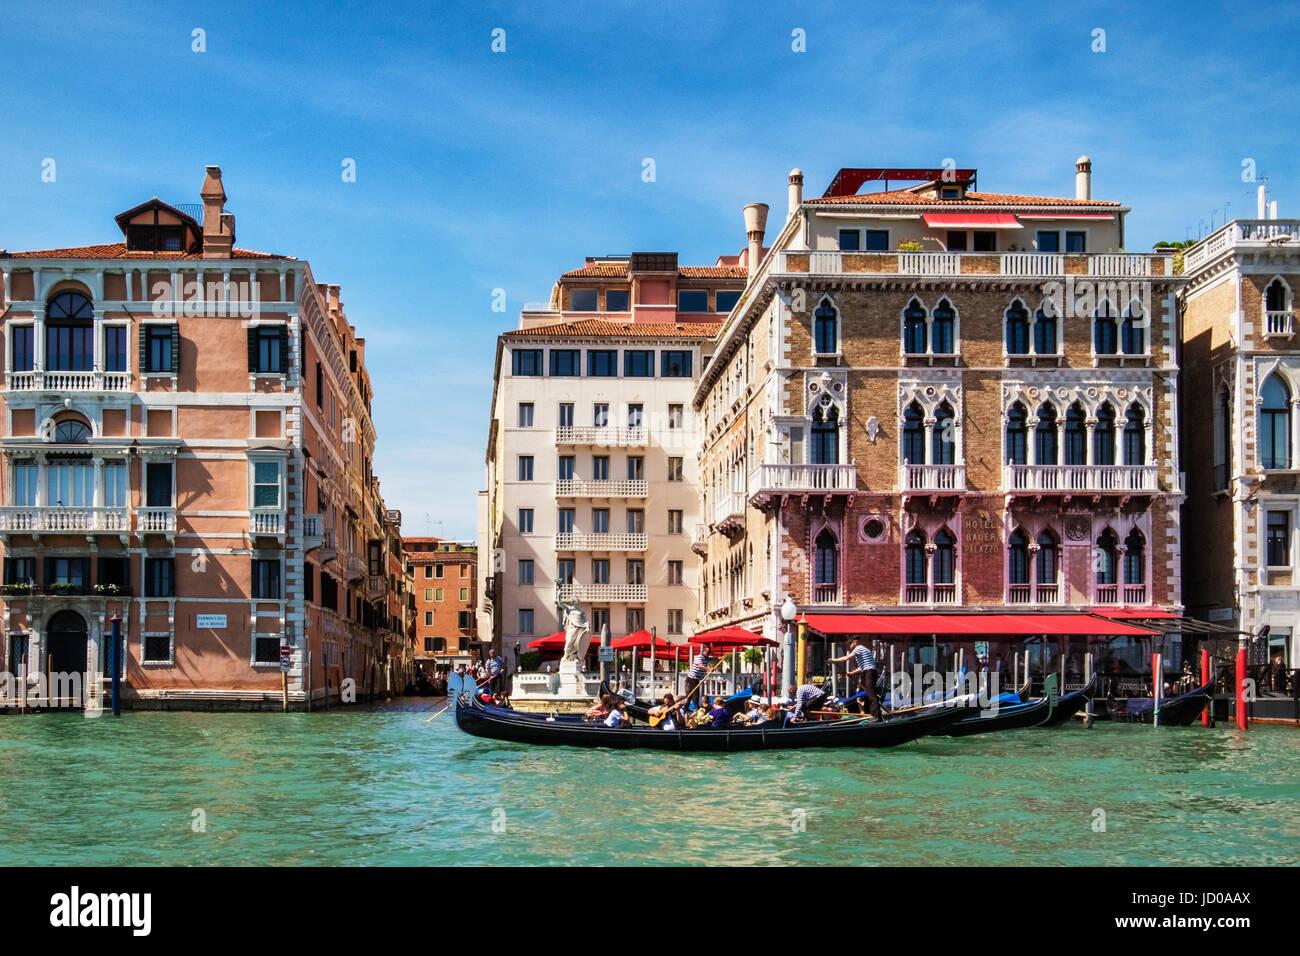 Venedig Italien Hotel Bauer 5 Sterne Luxushotel Im Eleganten Alten